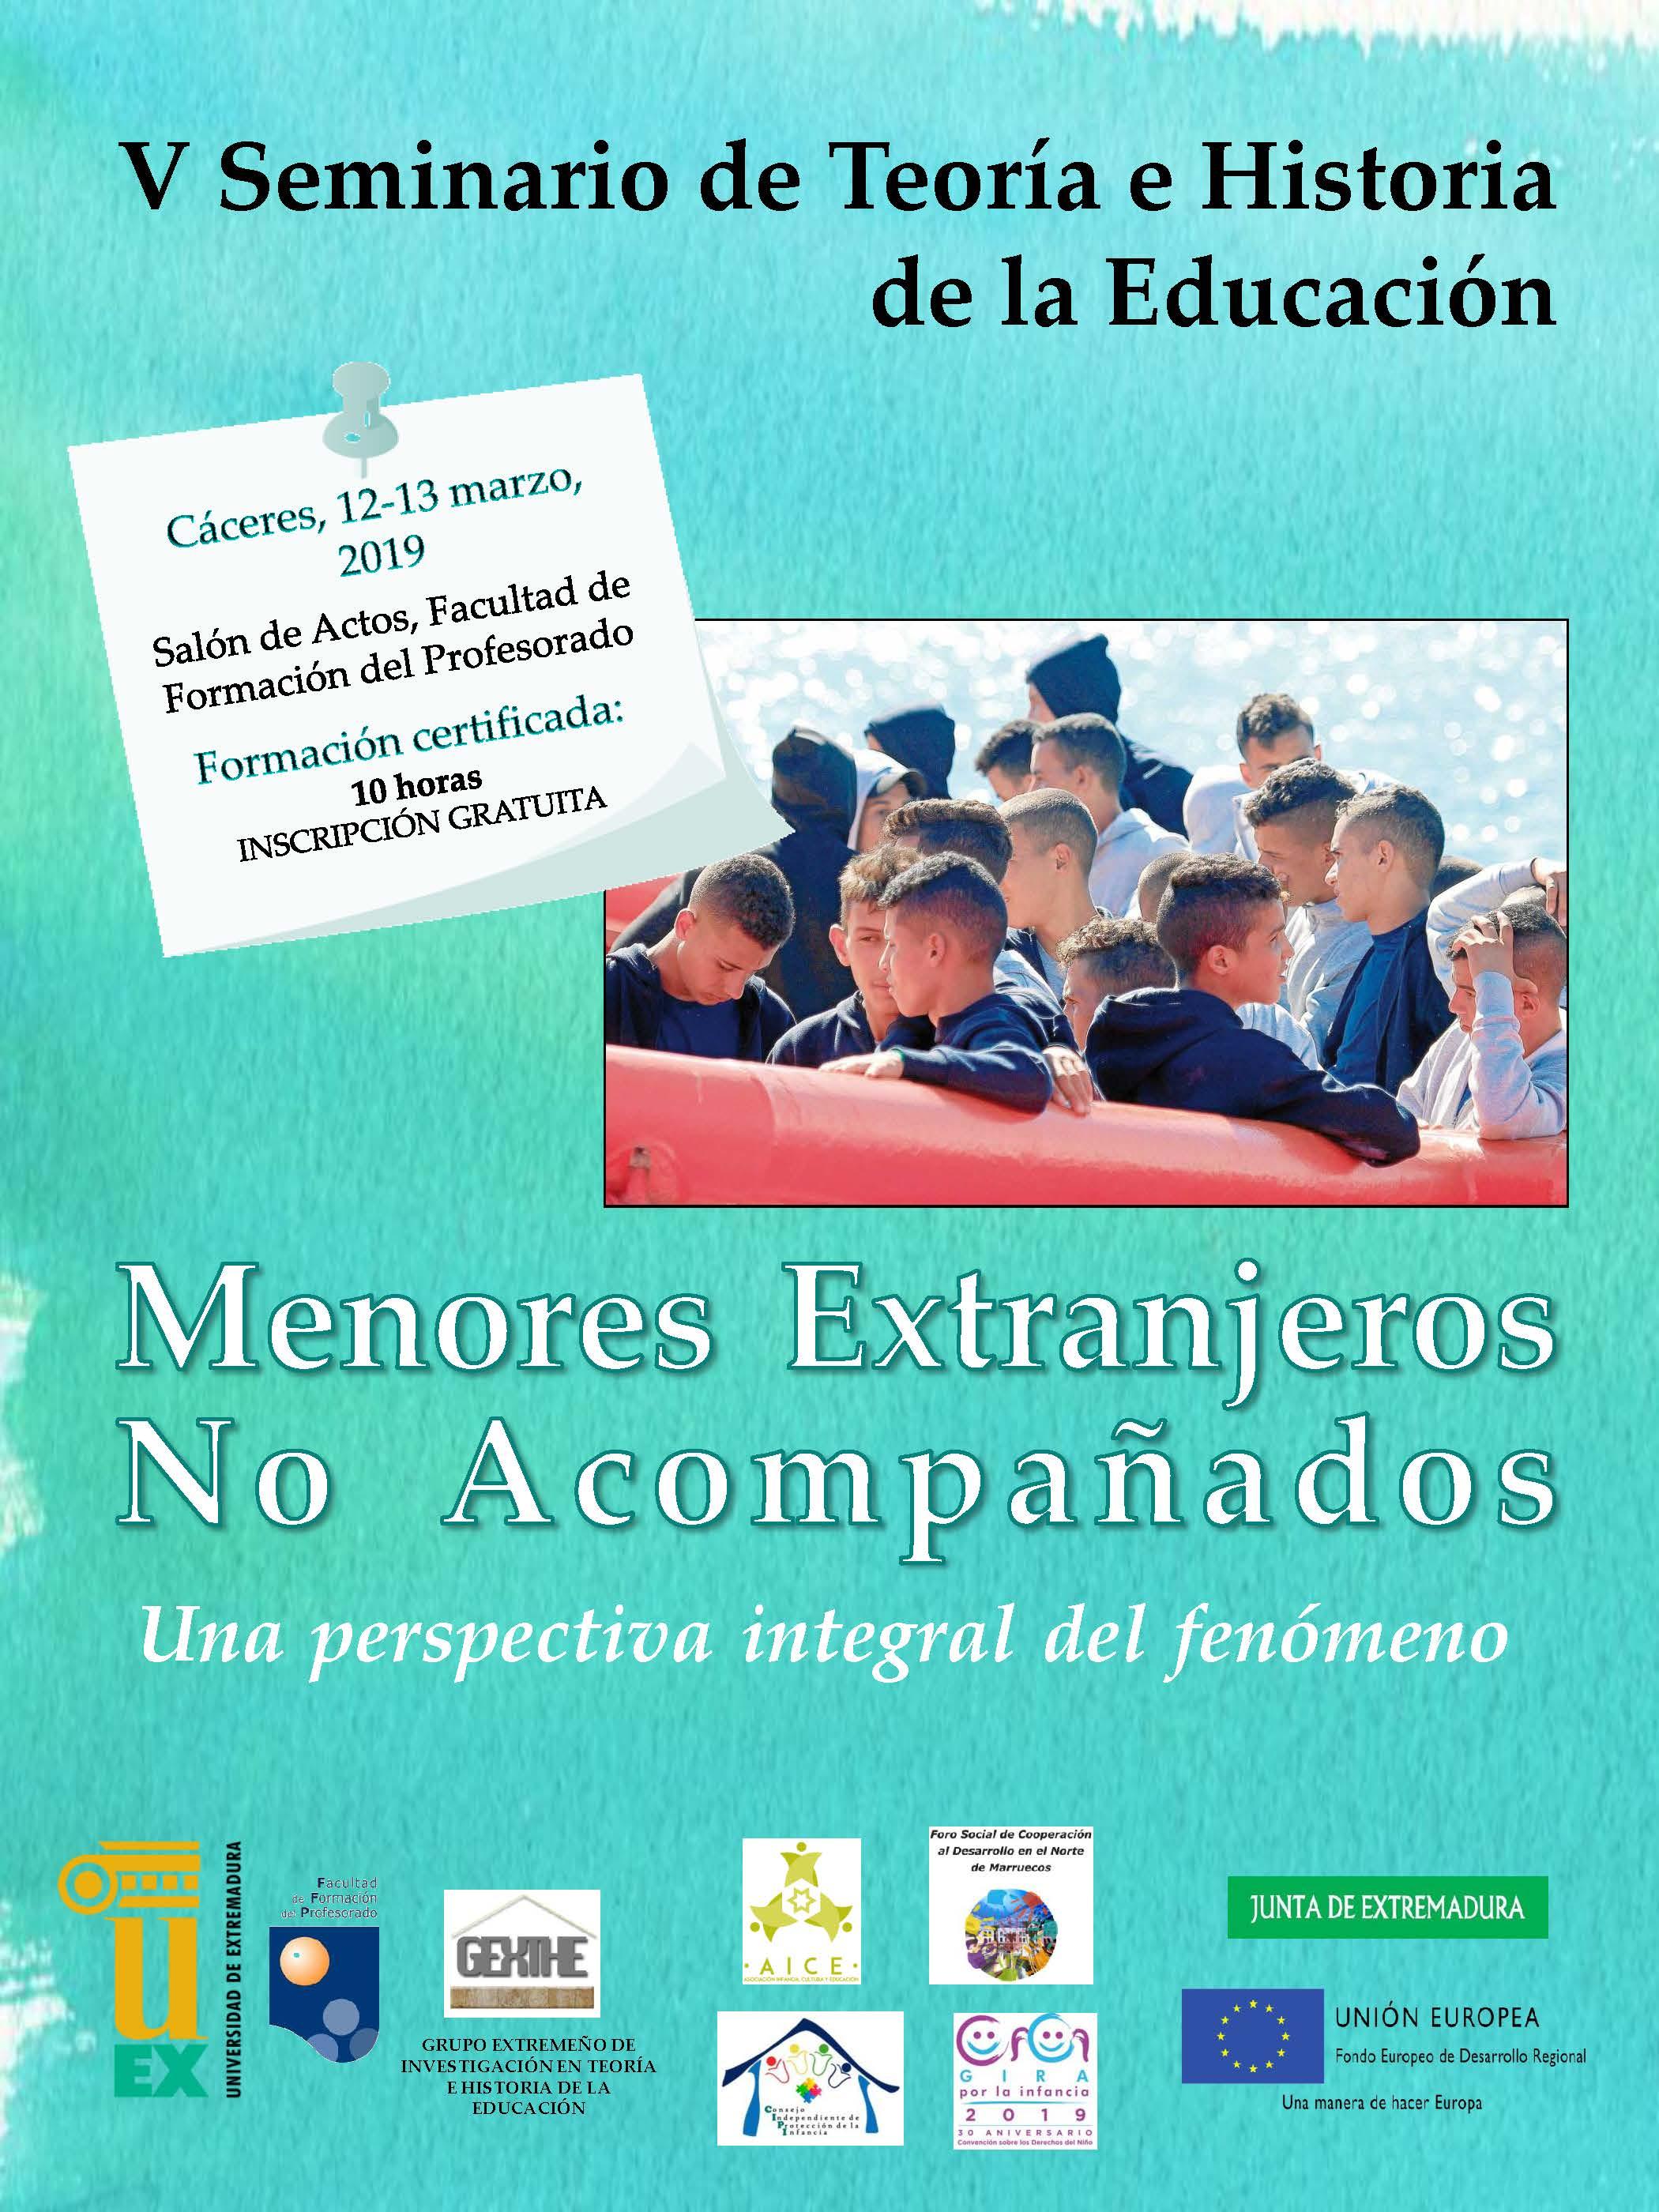 cartel-seminario-v-2019.jpg